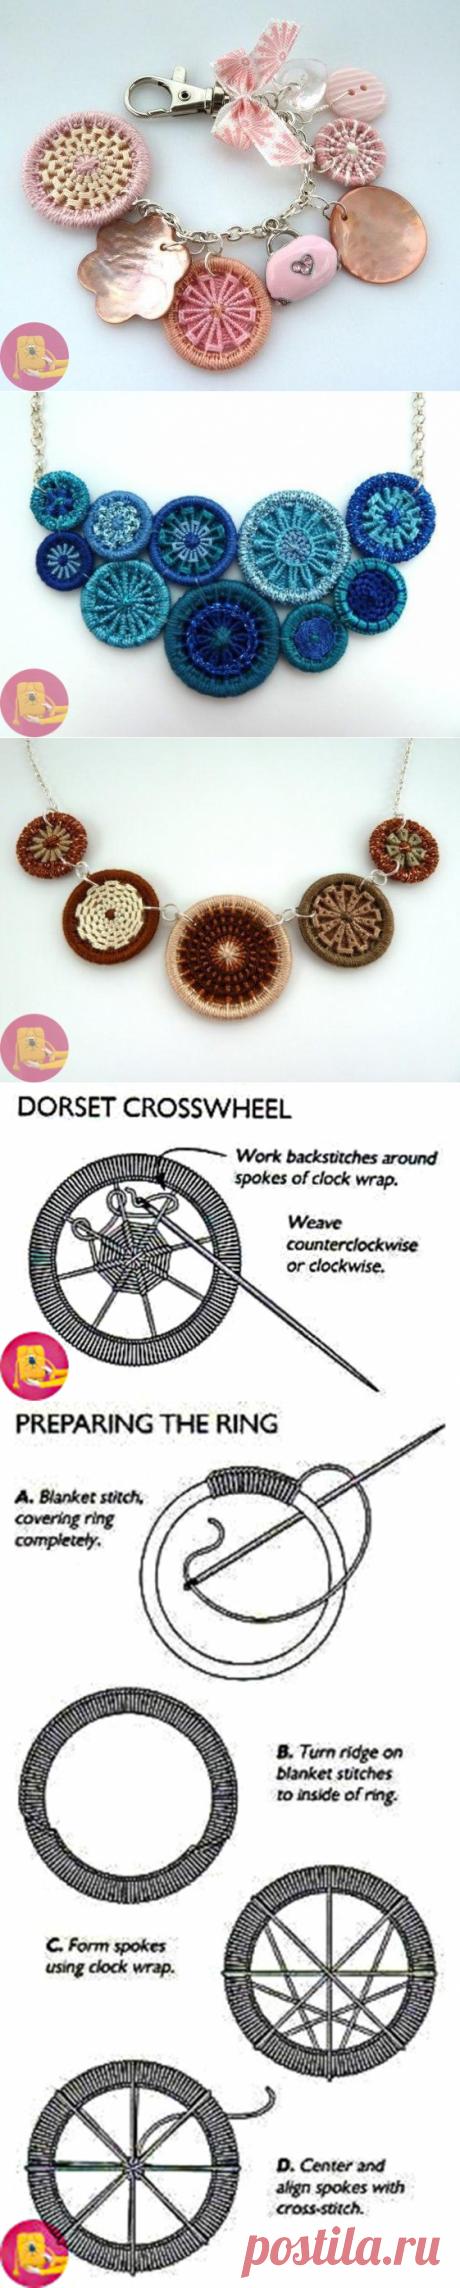 Дорсетская пуговица — Сделай сам, идеи для творчества - DIY Ideas